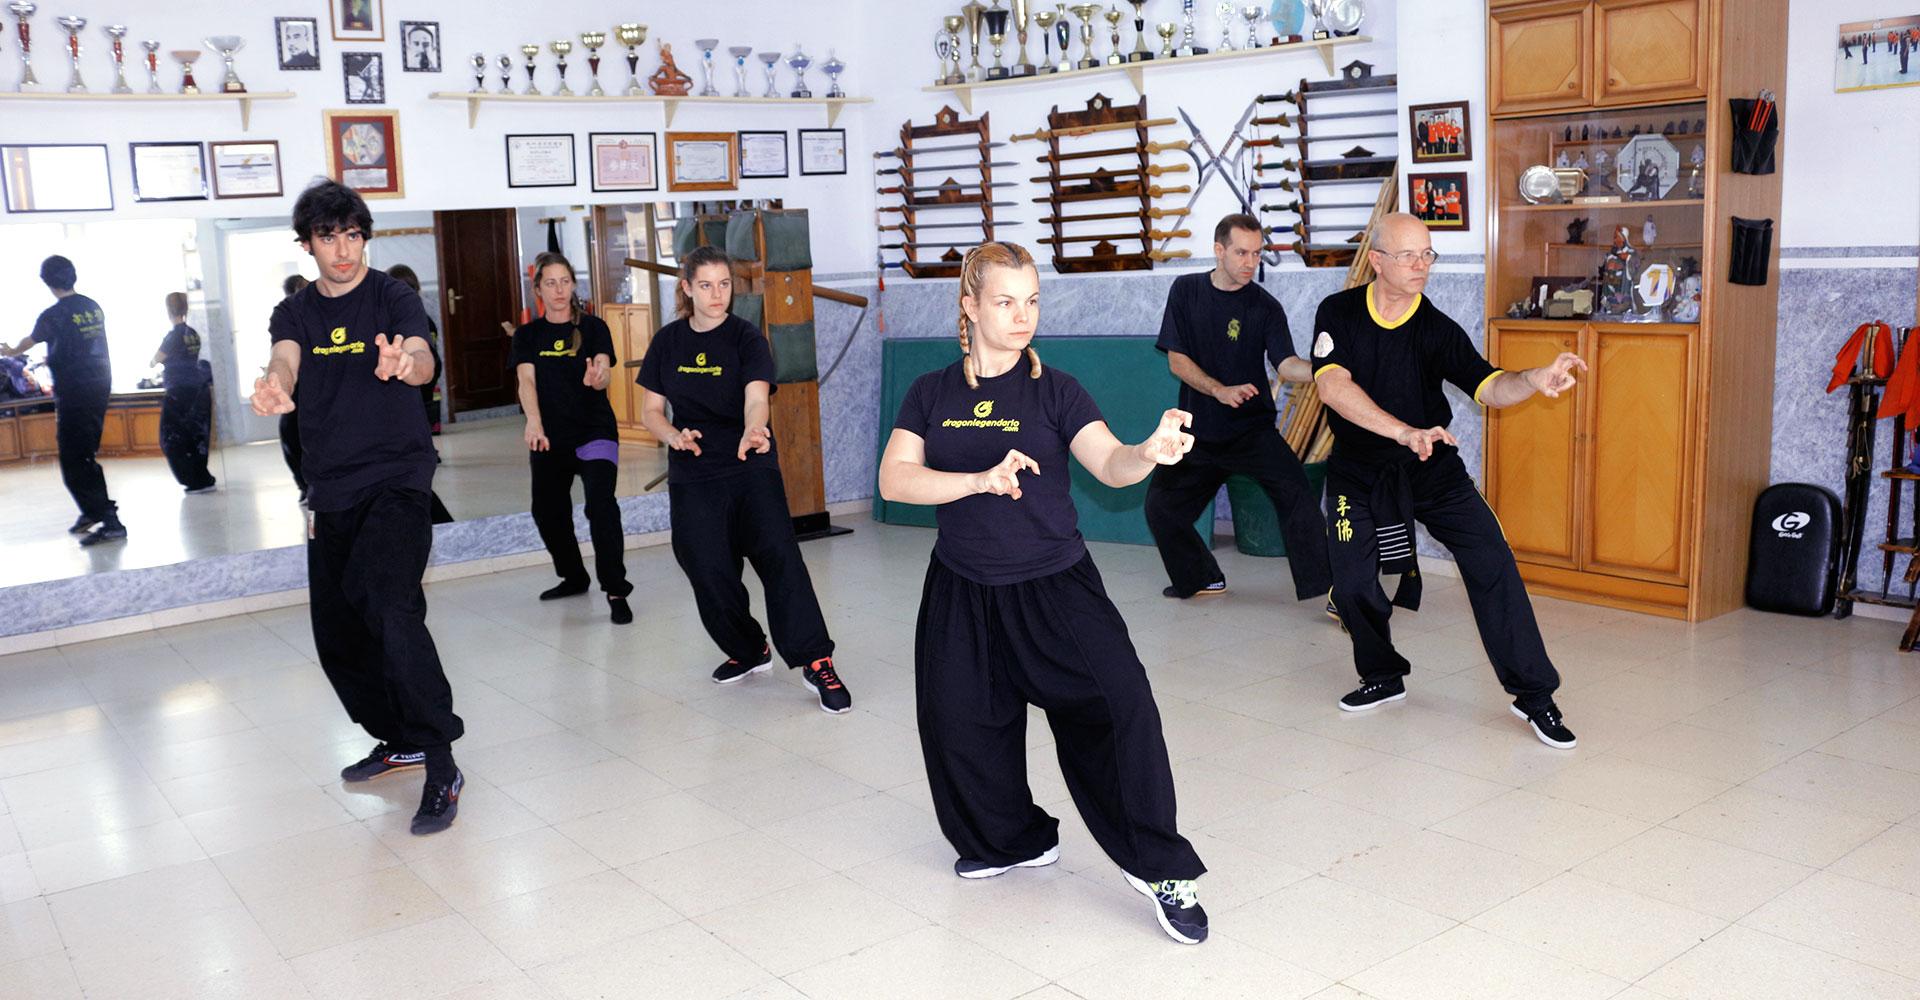 Choy Lee Fut Kung Fu style